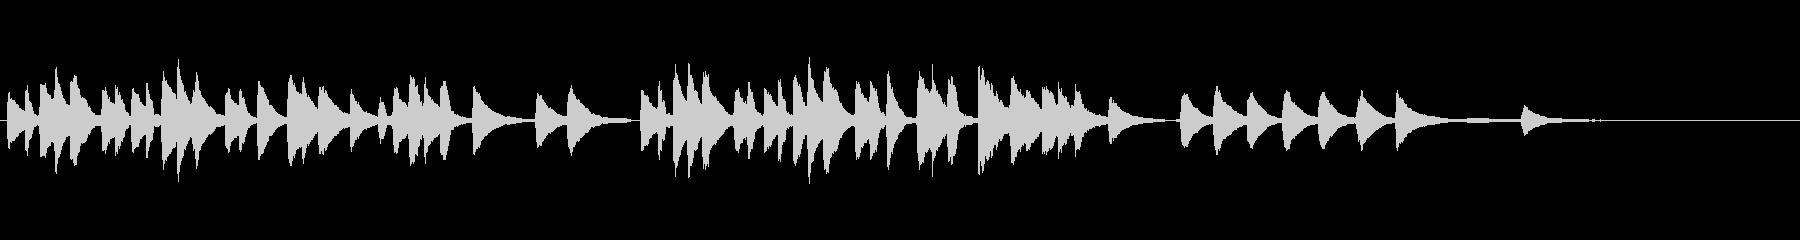 バルトーク「子供のために」3番の未再生の波形